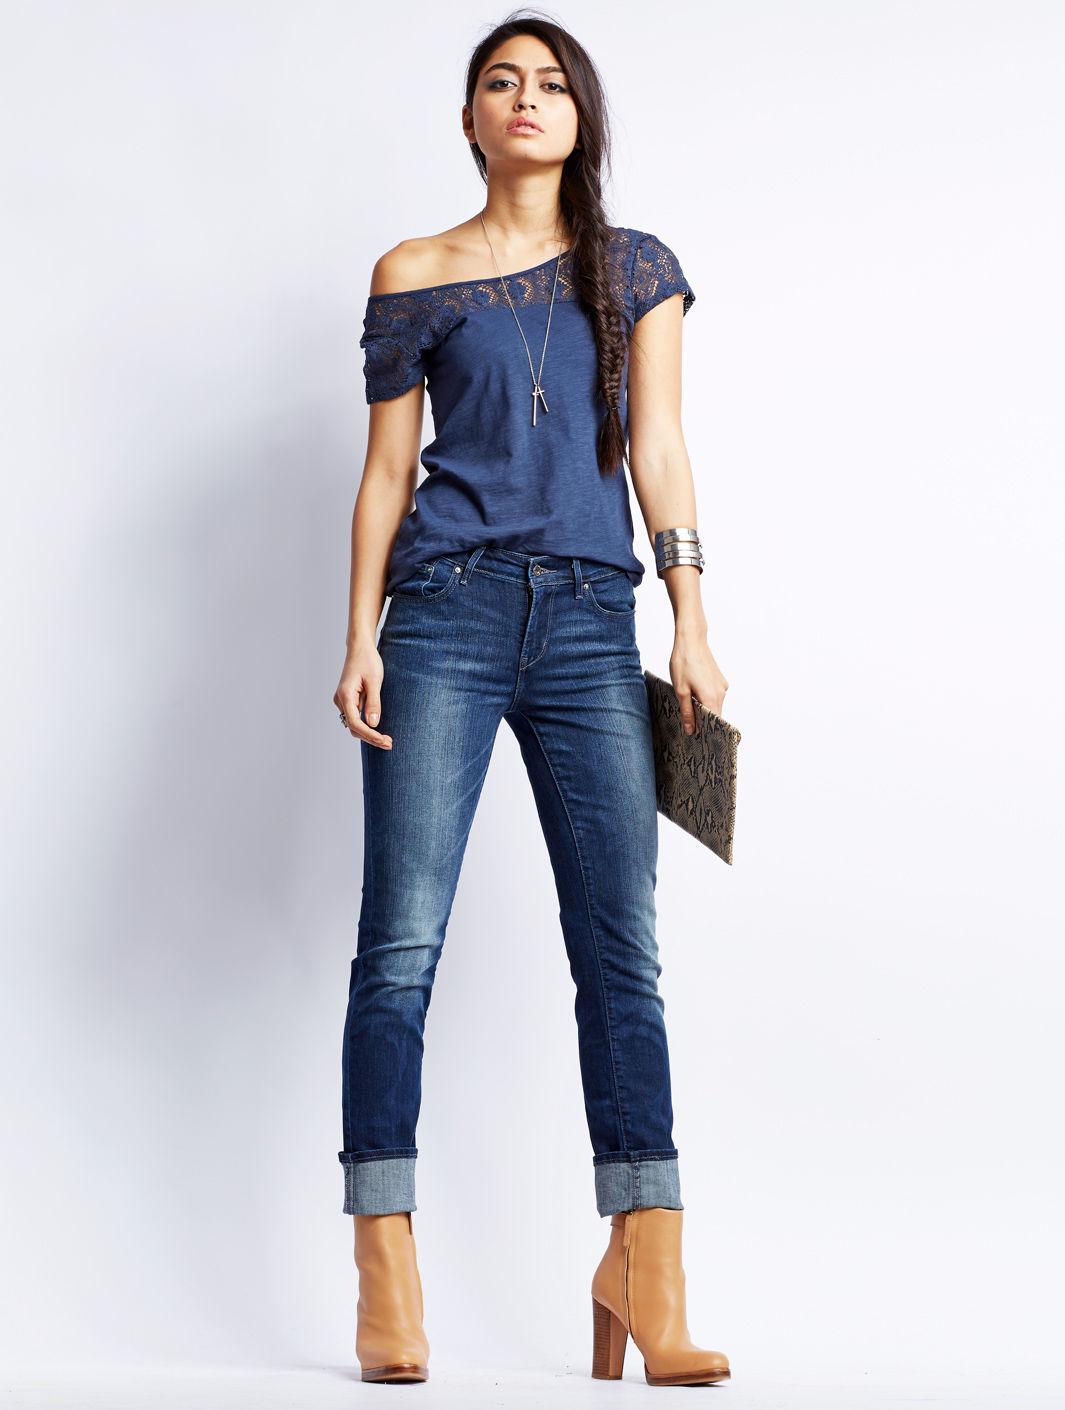 Porte De Chambre Froide : Je teste une nouvelle coupe de jeans sur jean-femme.site